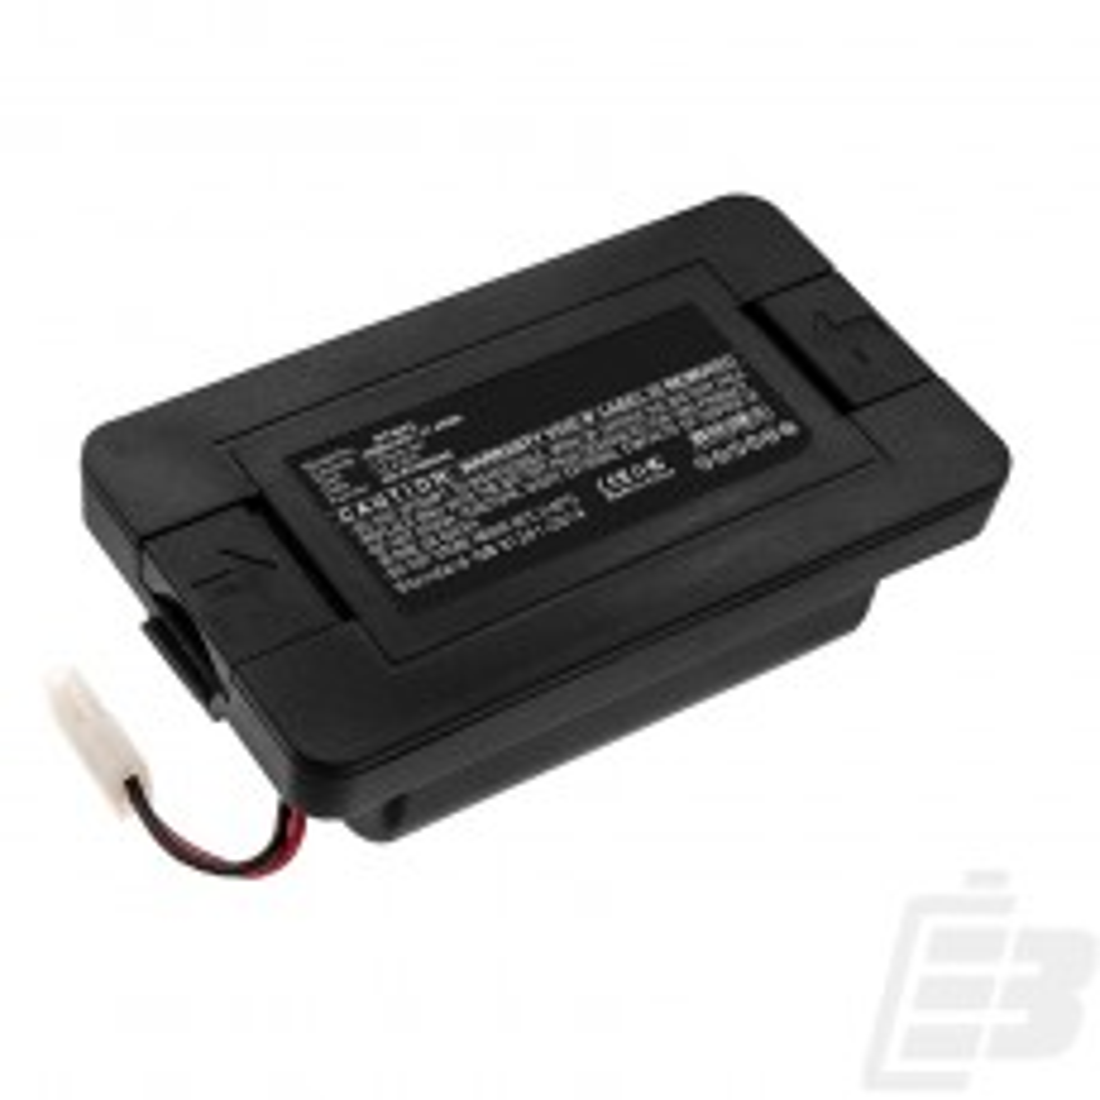 Vacuum cleaner battery Rowenta Smart Force Essential_1